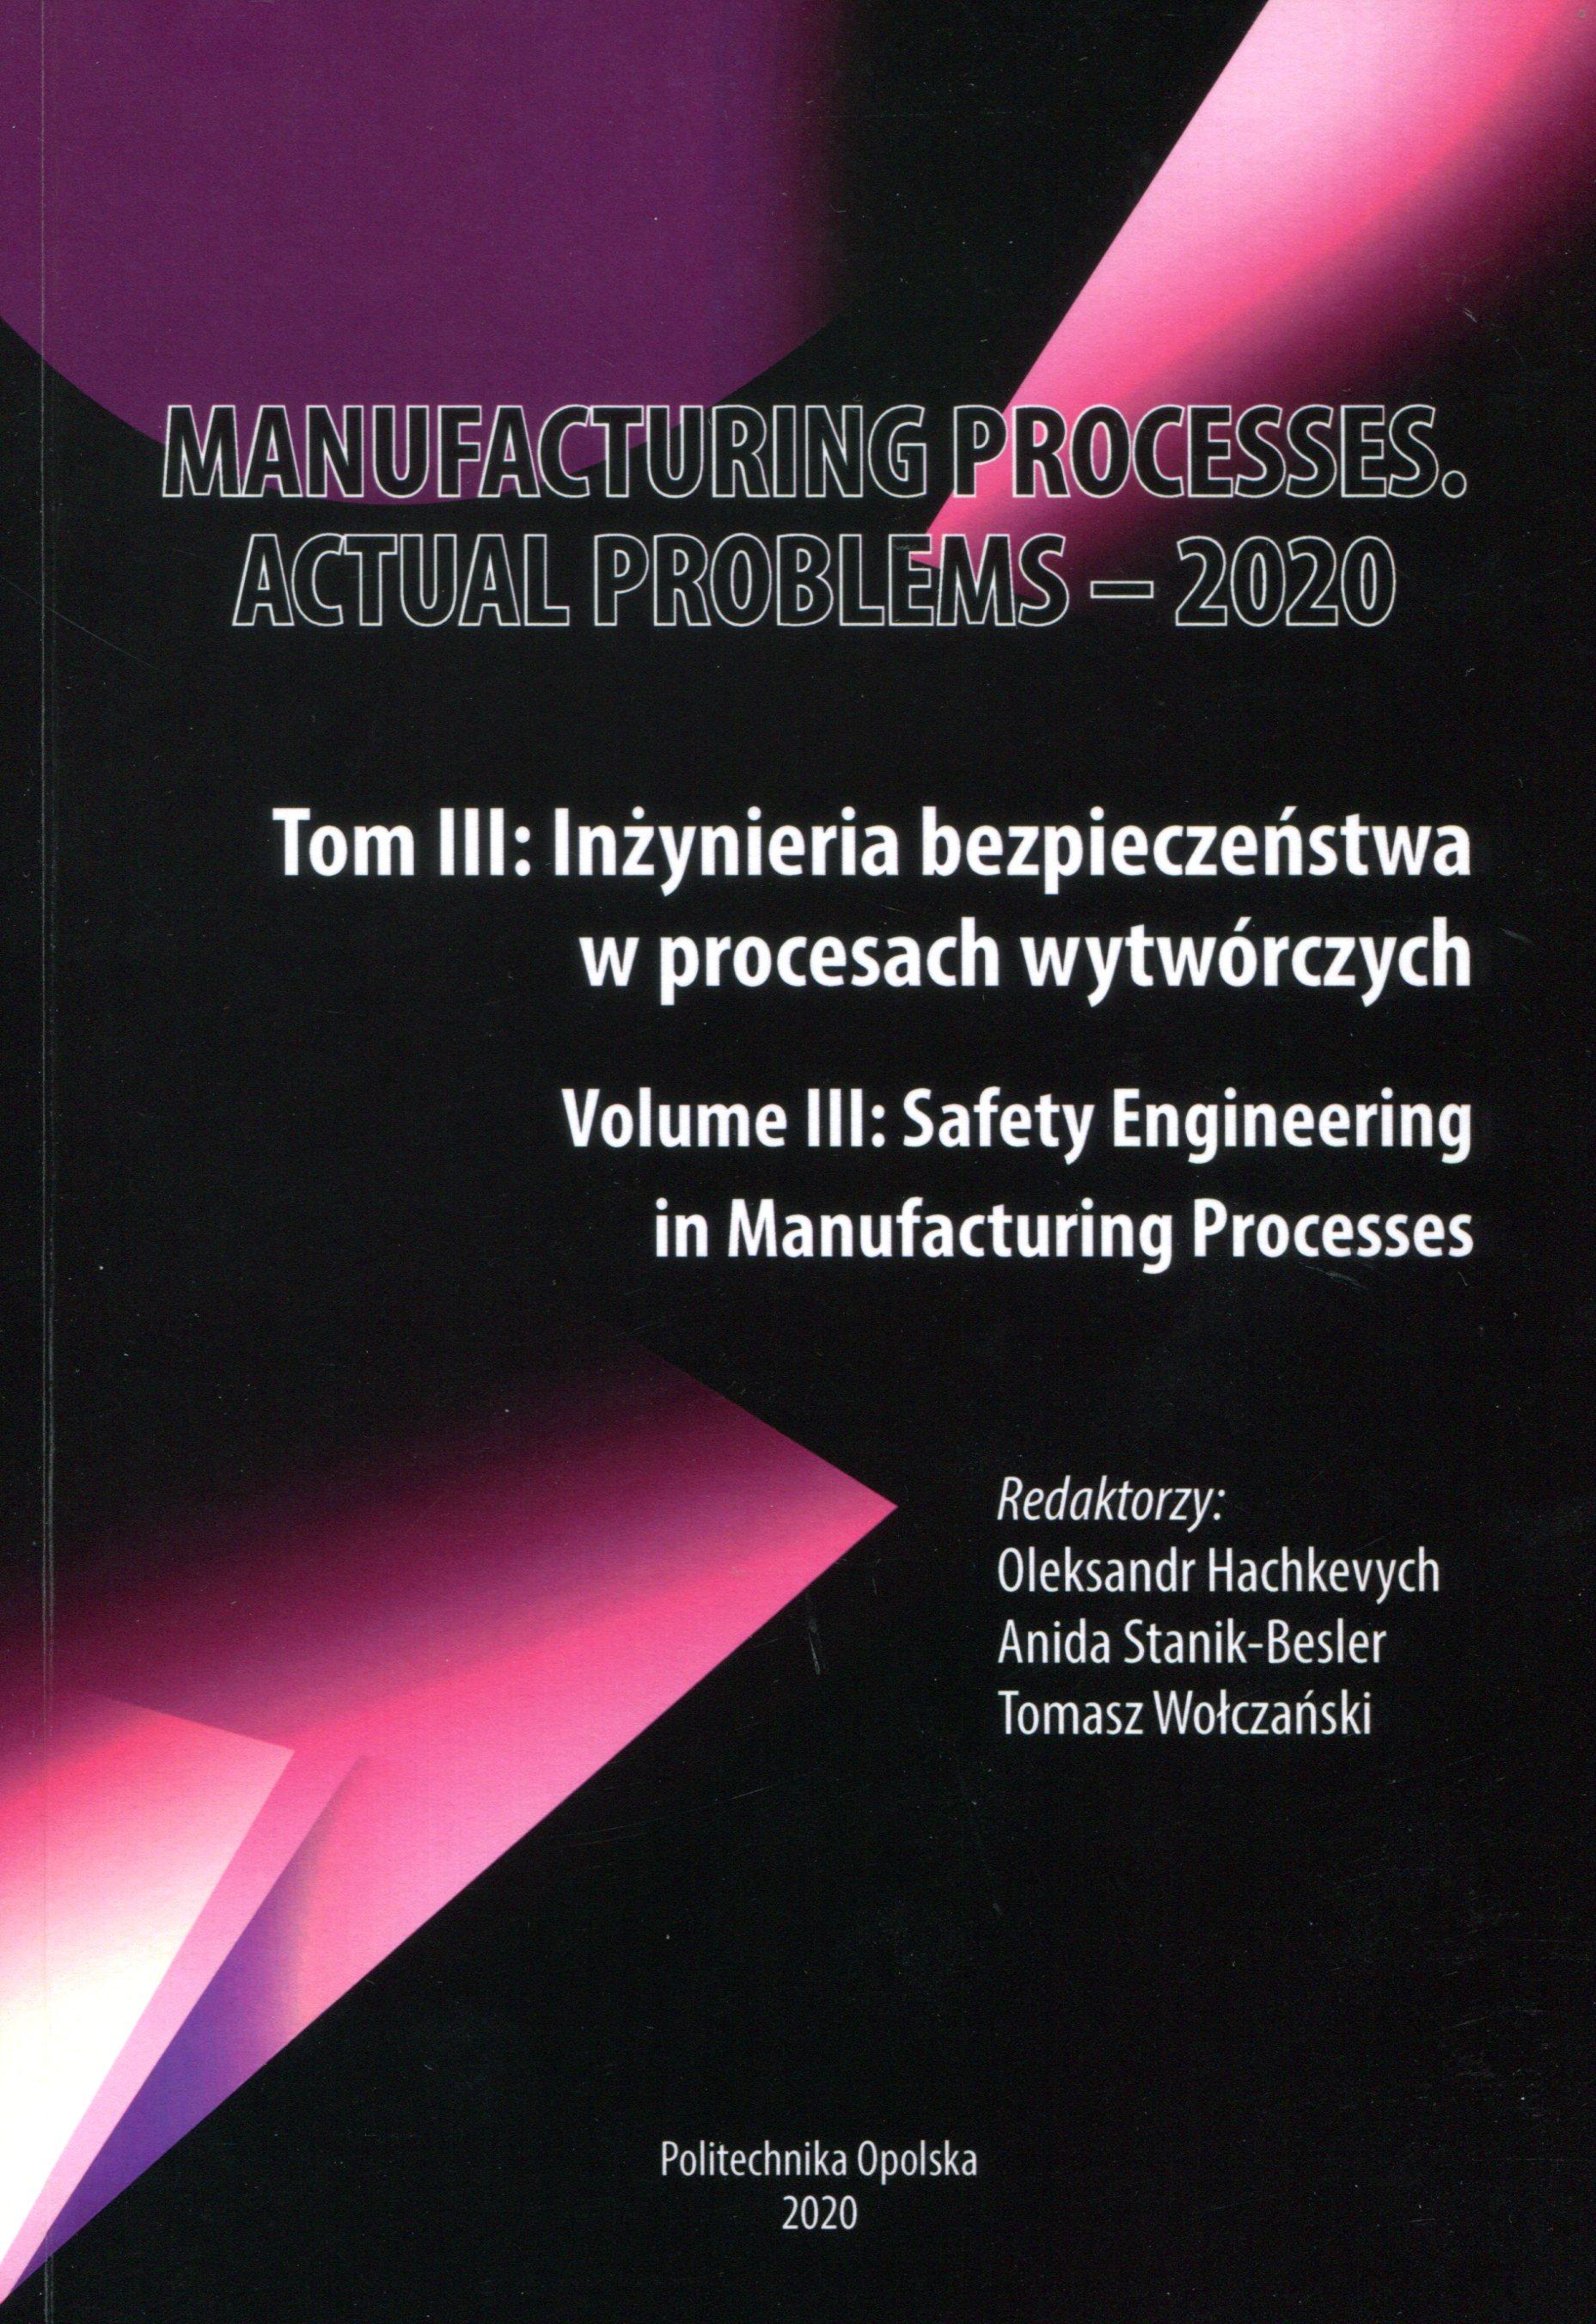 Manufacturing processes : actual problems - 2020. Vol. 3, Safety engineering in manufacturing processes = T. 3, Inżynieria bezpieczeństwa w procesach wytwórczych